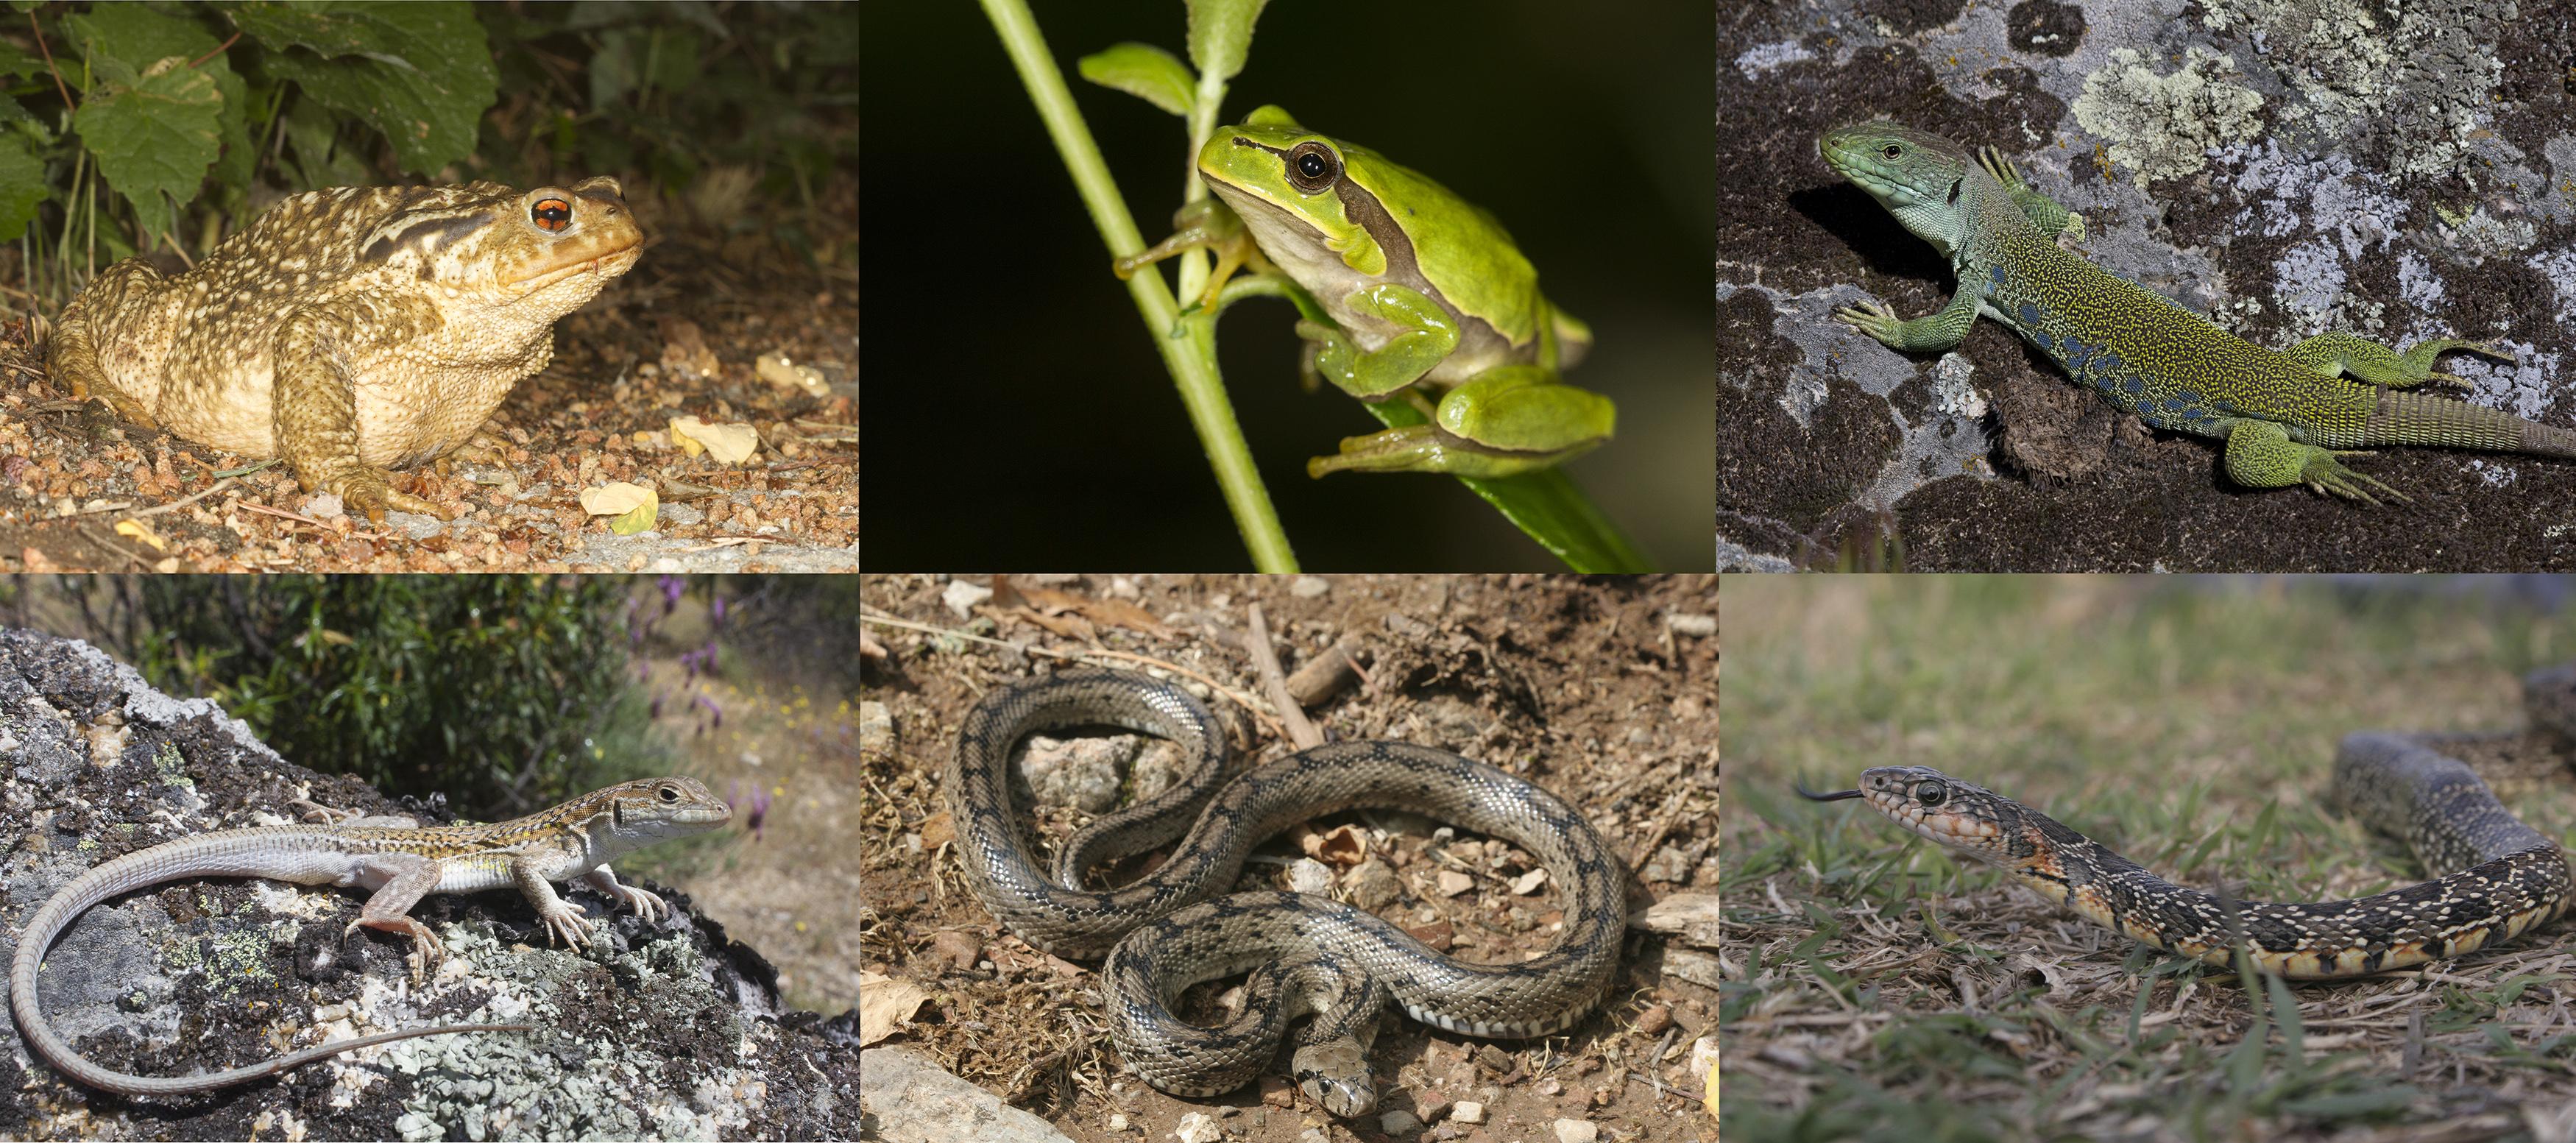 Anfibios y reptiles ibéricos: un tesoro biogeográfico lleno de endemismos.